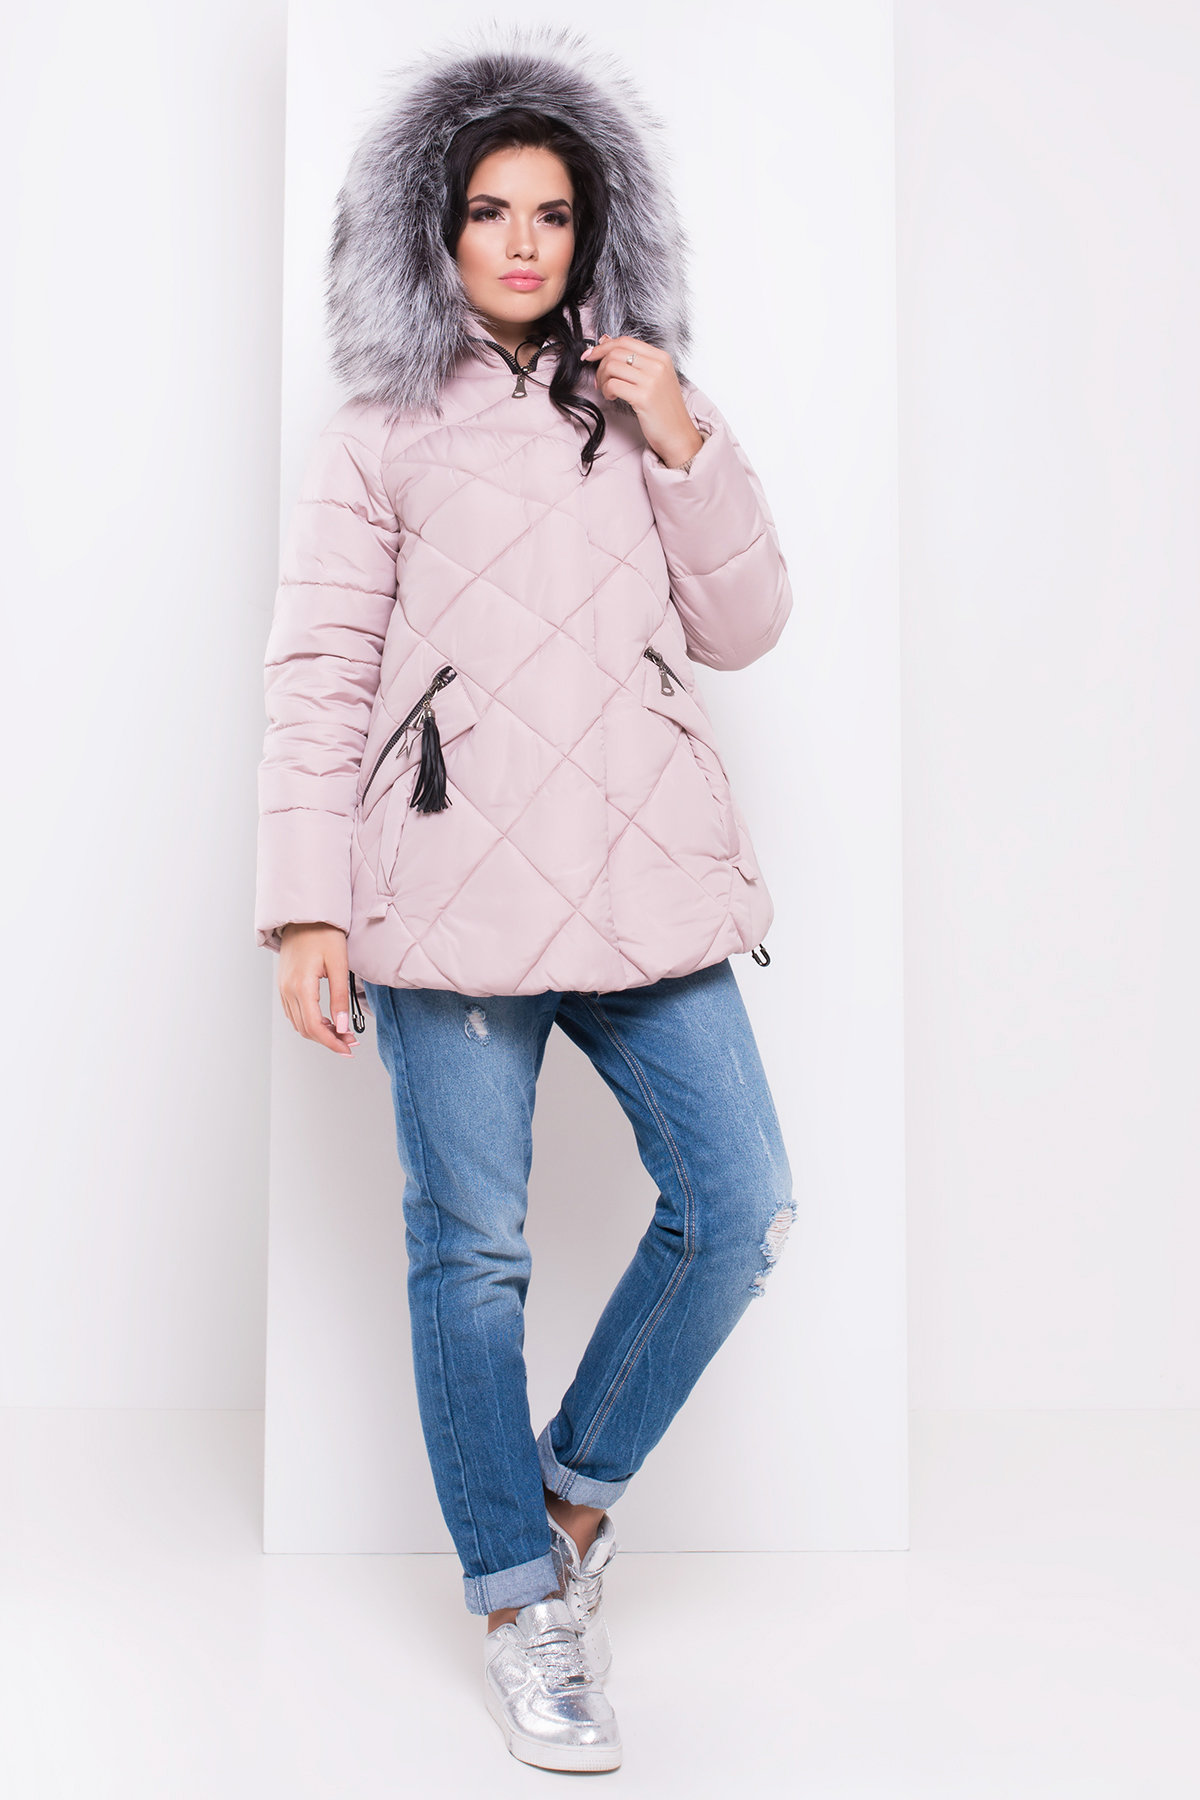 Куртка на зиму со стежкой ромбами Лисбет 3253 АРТ. 16729 Цвет: Серо-розовый - фото 2, интернет магазин tm-modus.ru